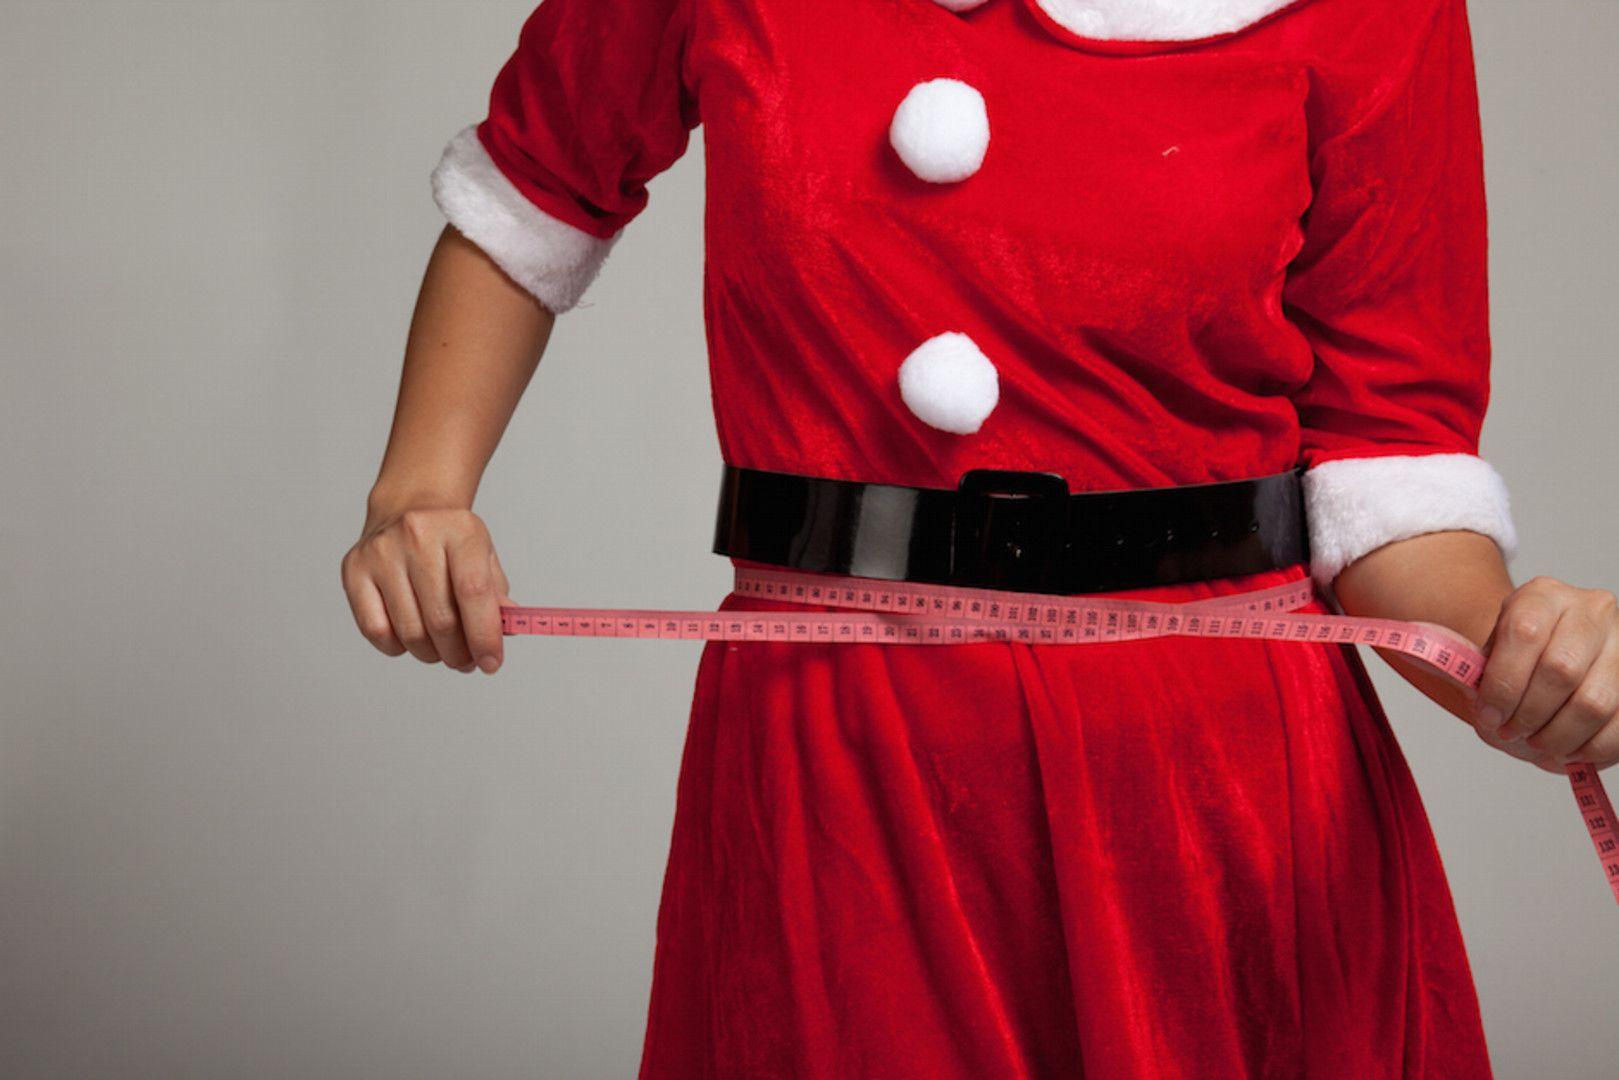 Schnell wieder schlank nach Weihnachten! #News #Beauty